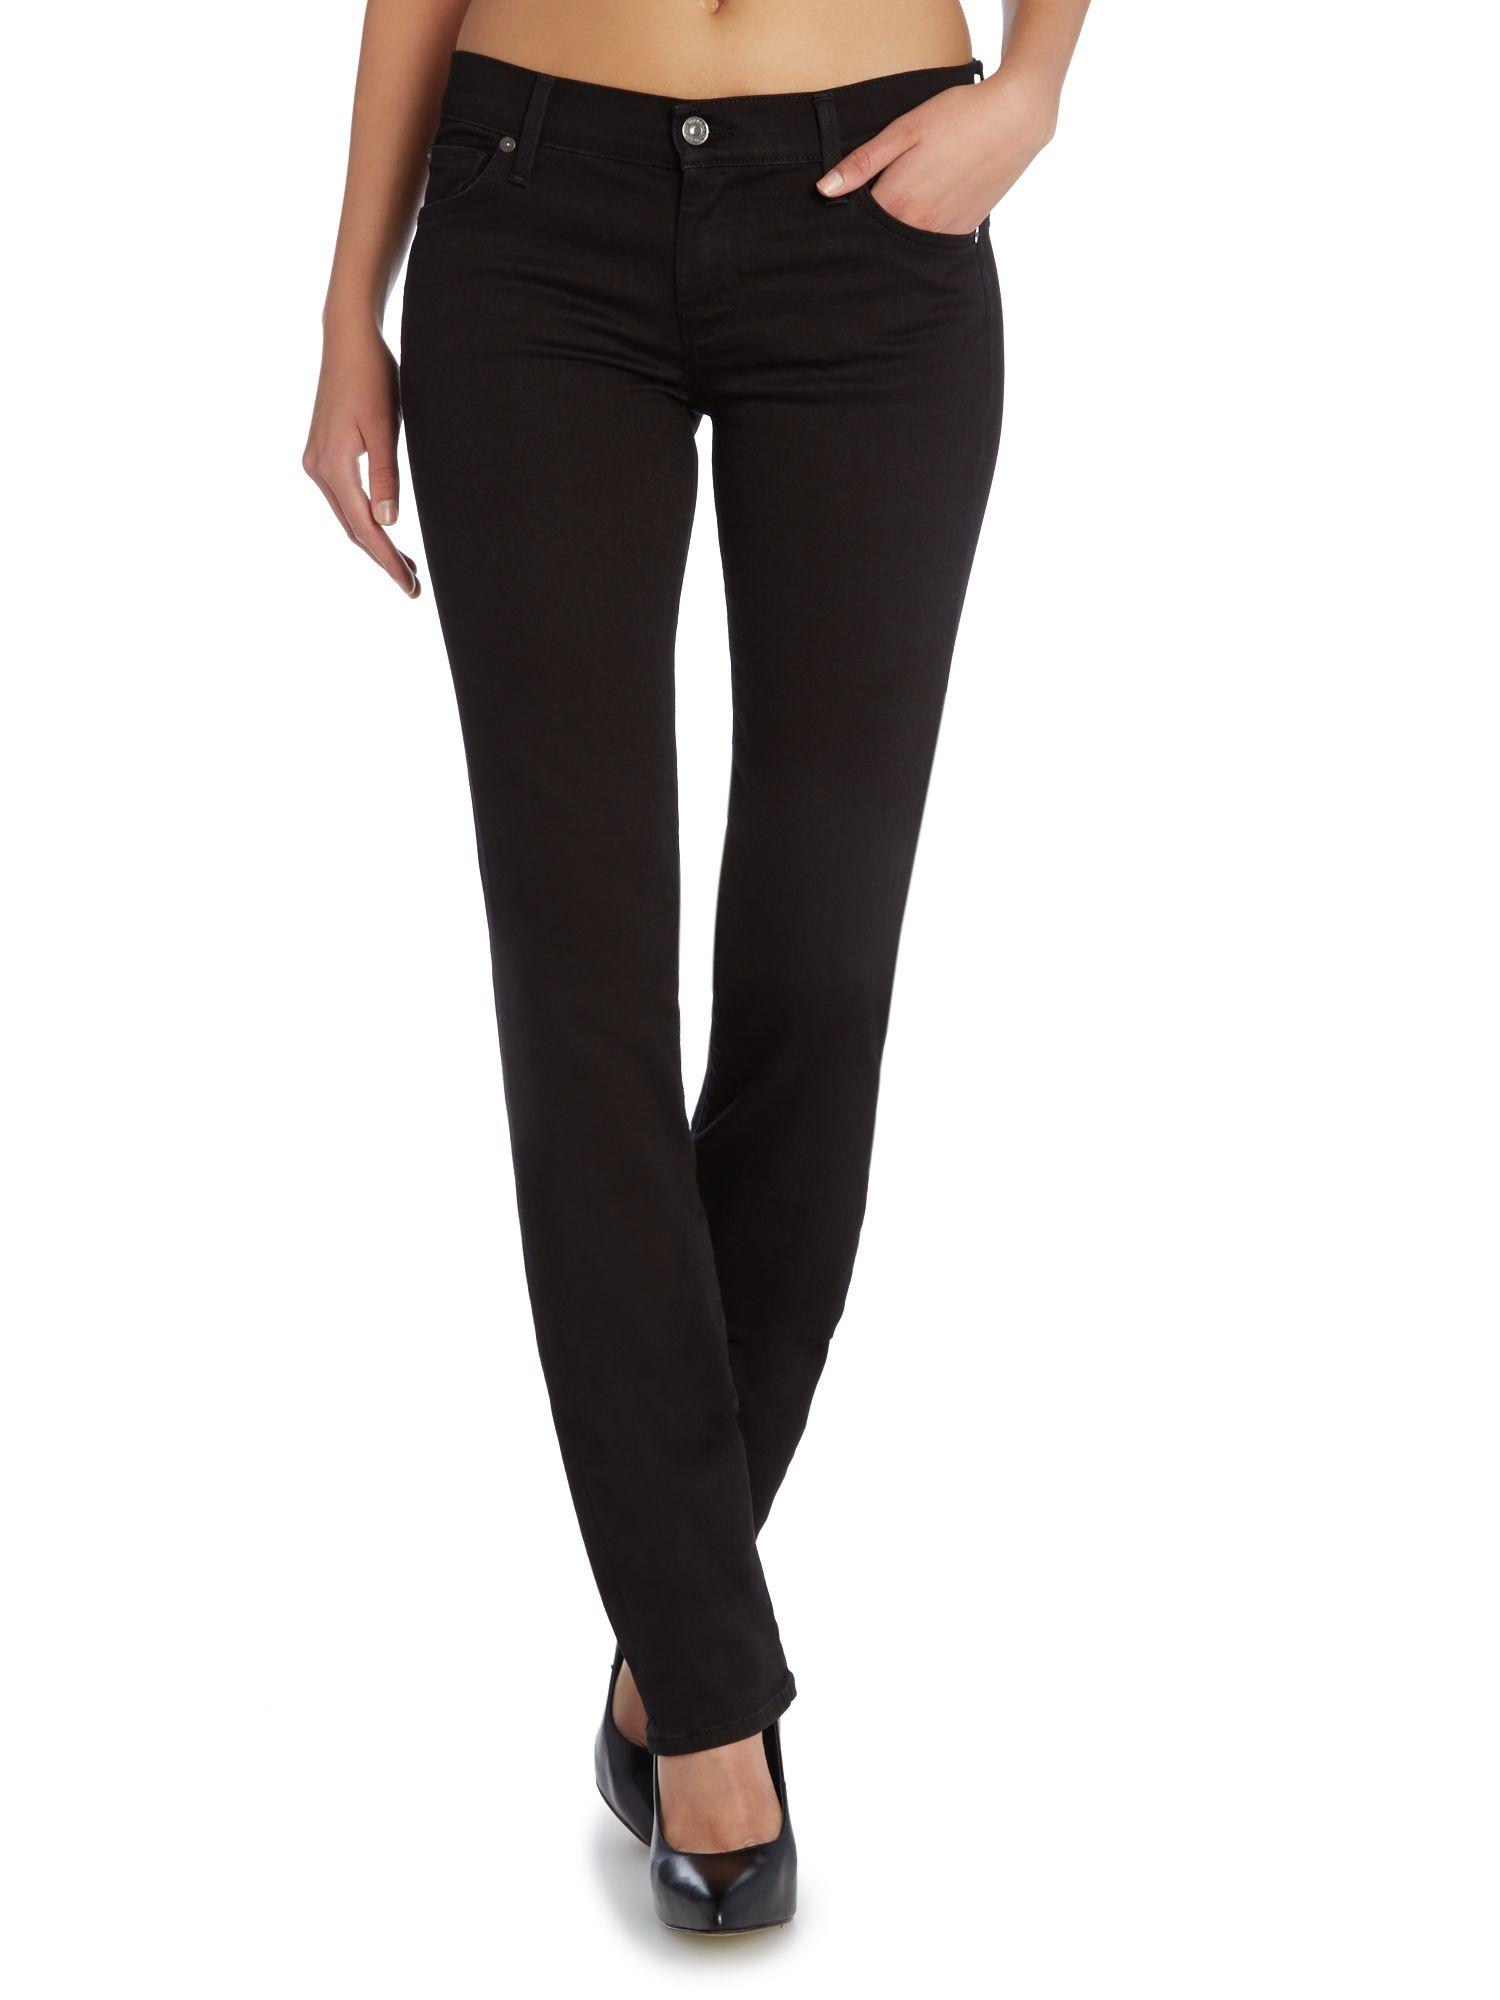 seven jeans black - Jean Yu Beauty